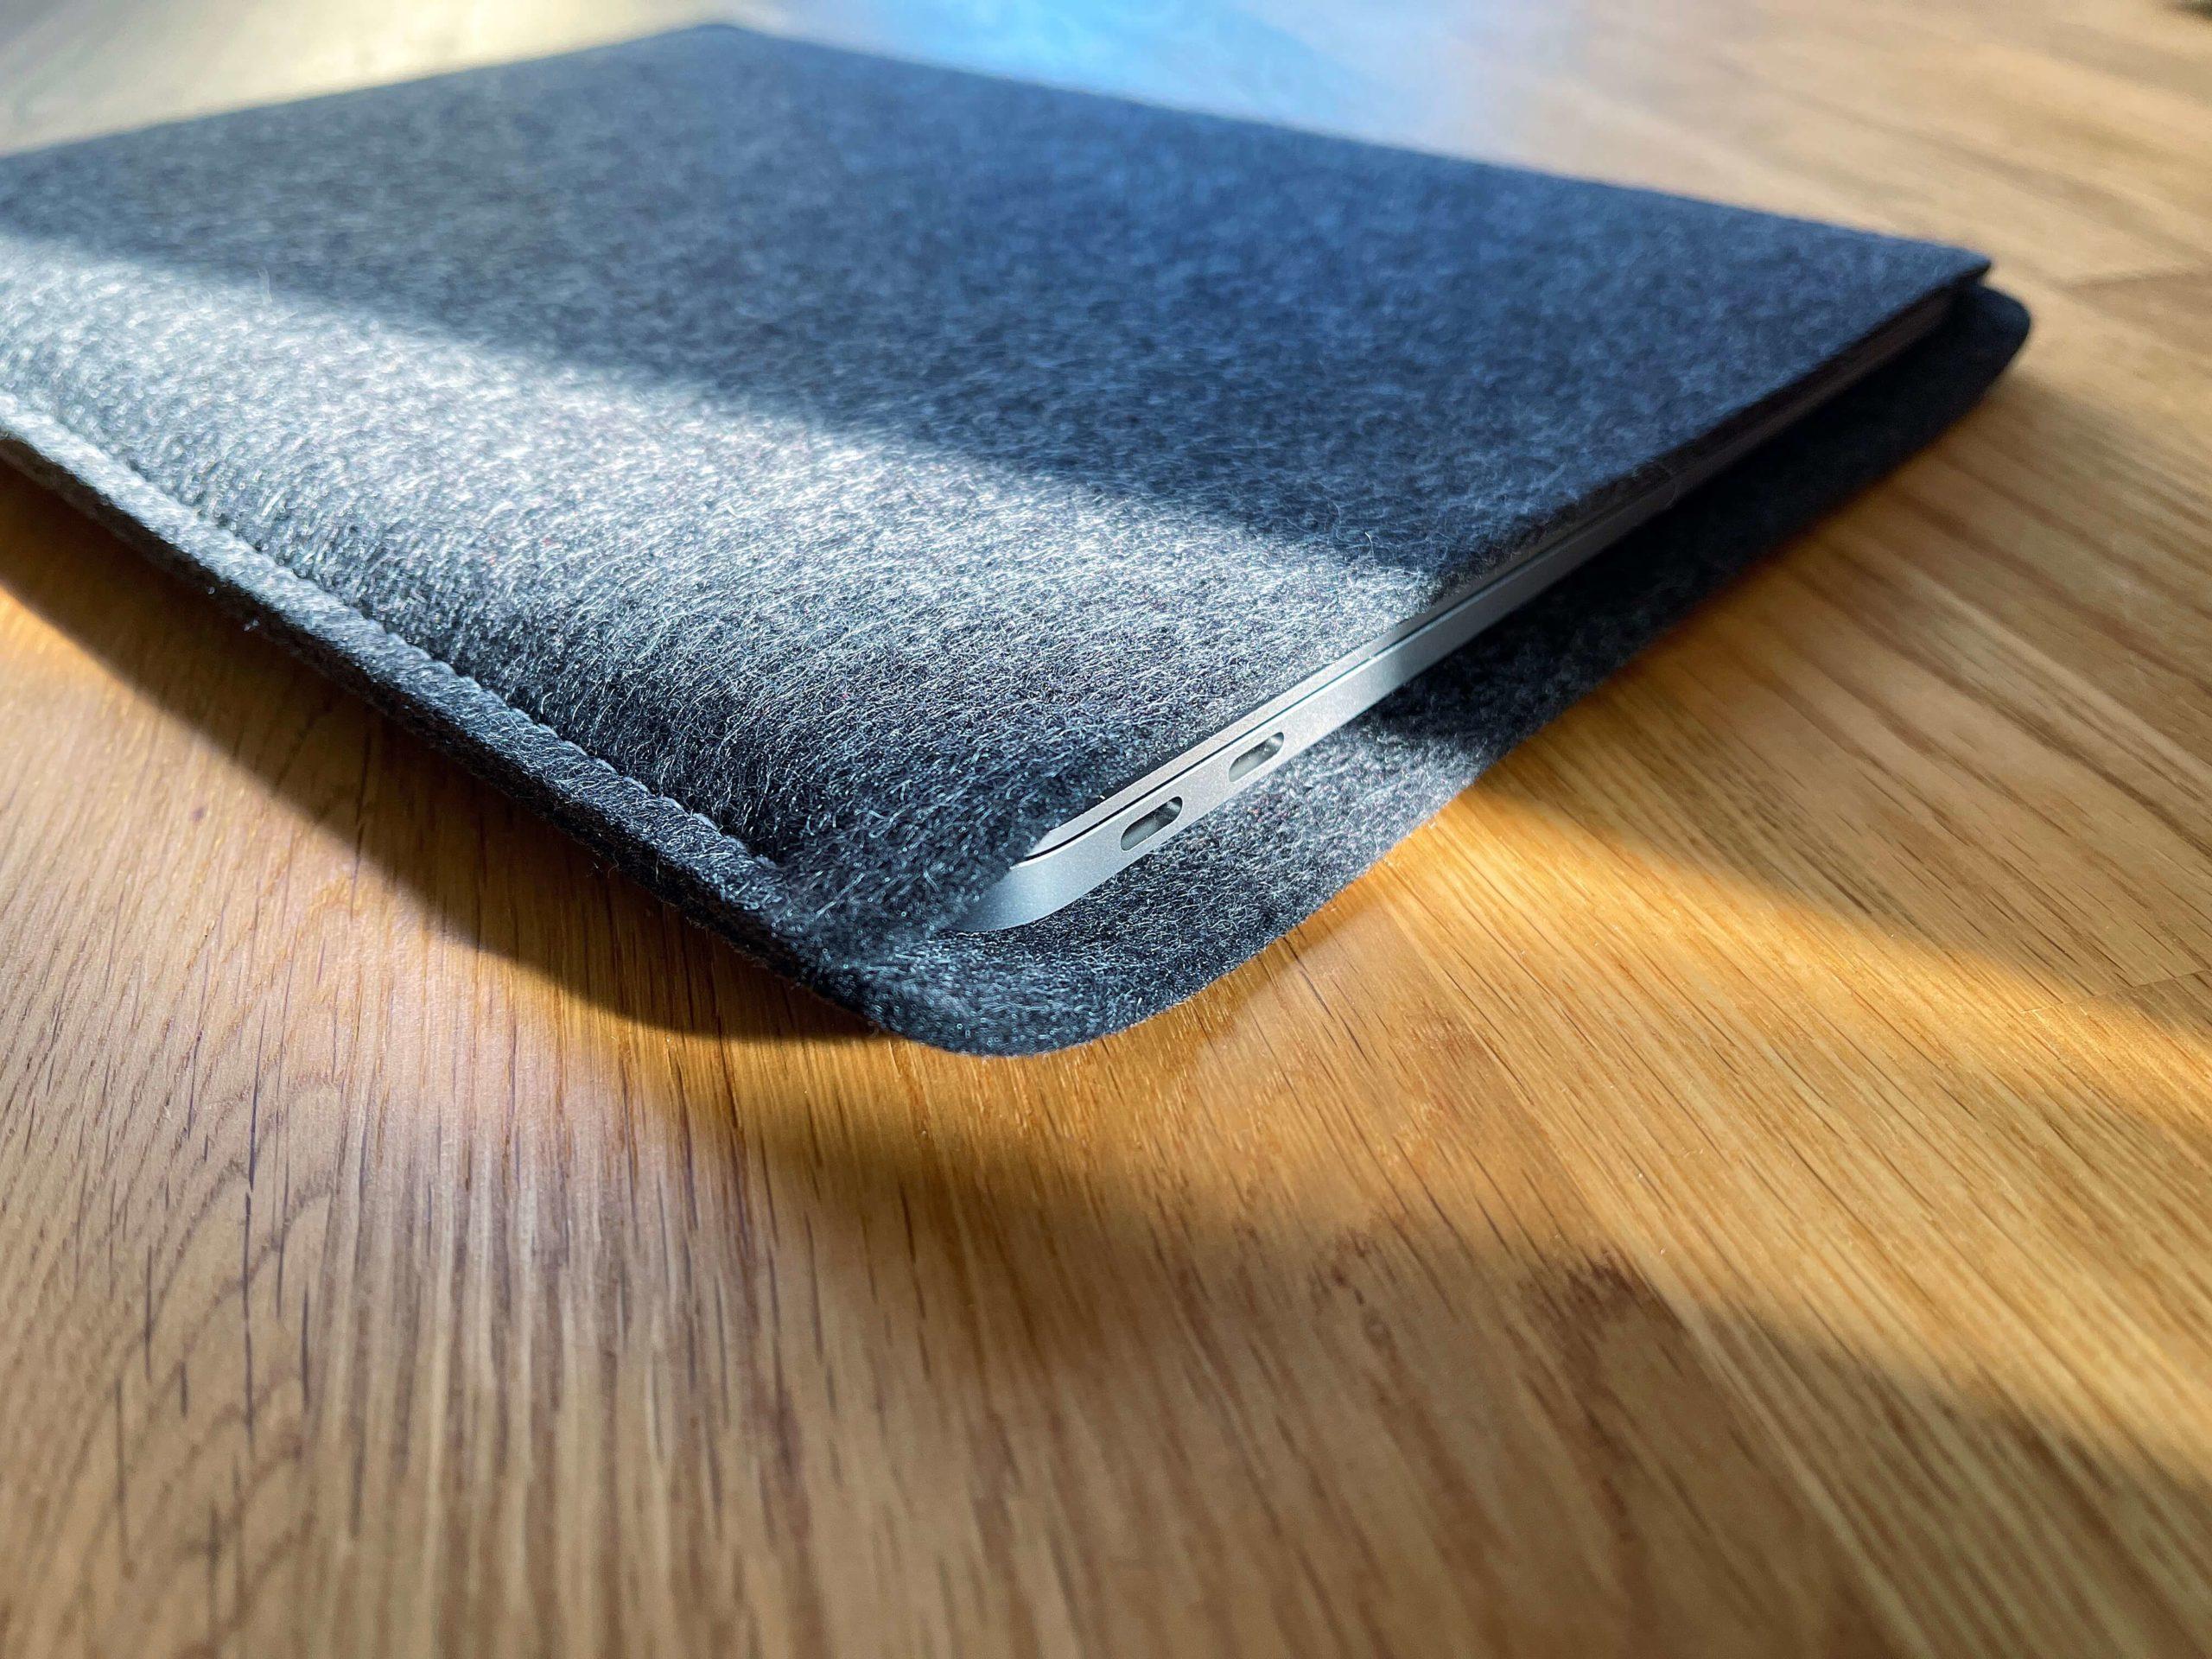 Schutz-aus-Wollfilz-von-WildTech-–-das-MacBook-Air-stilvoll-geschuetzt3-scaled Schutz aus Wollfilz von WildTech – das M1 MacBook Air stilvoll geschützt